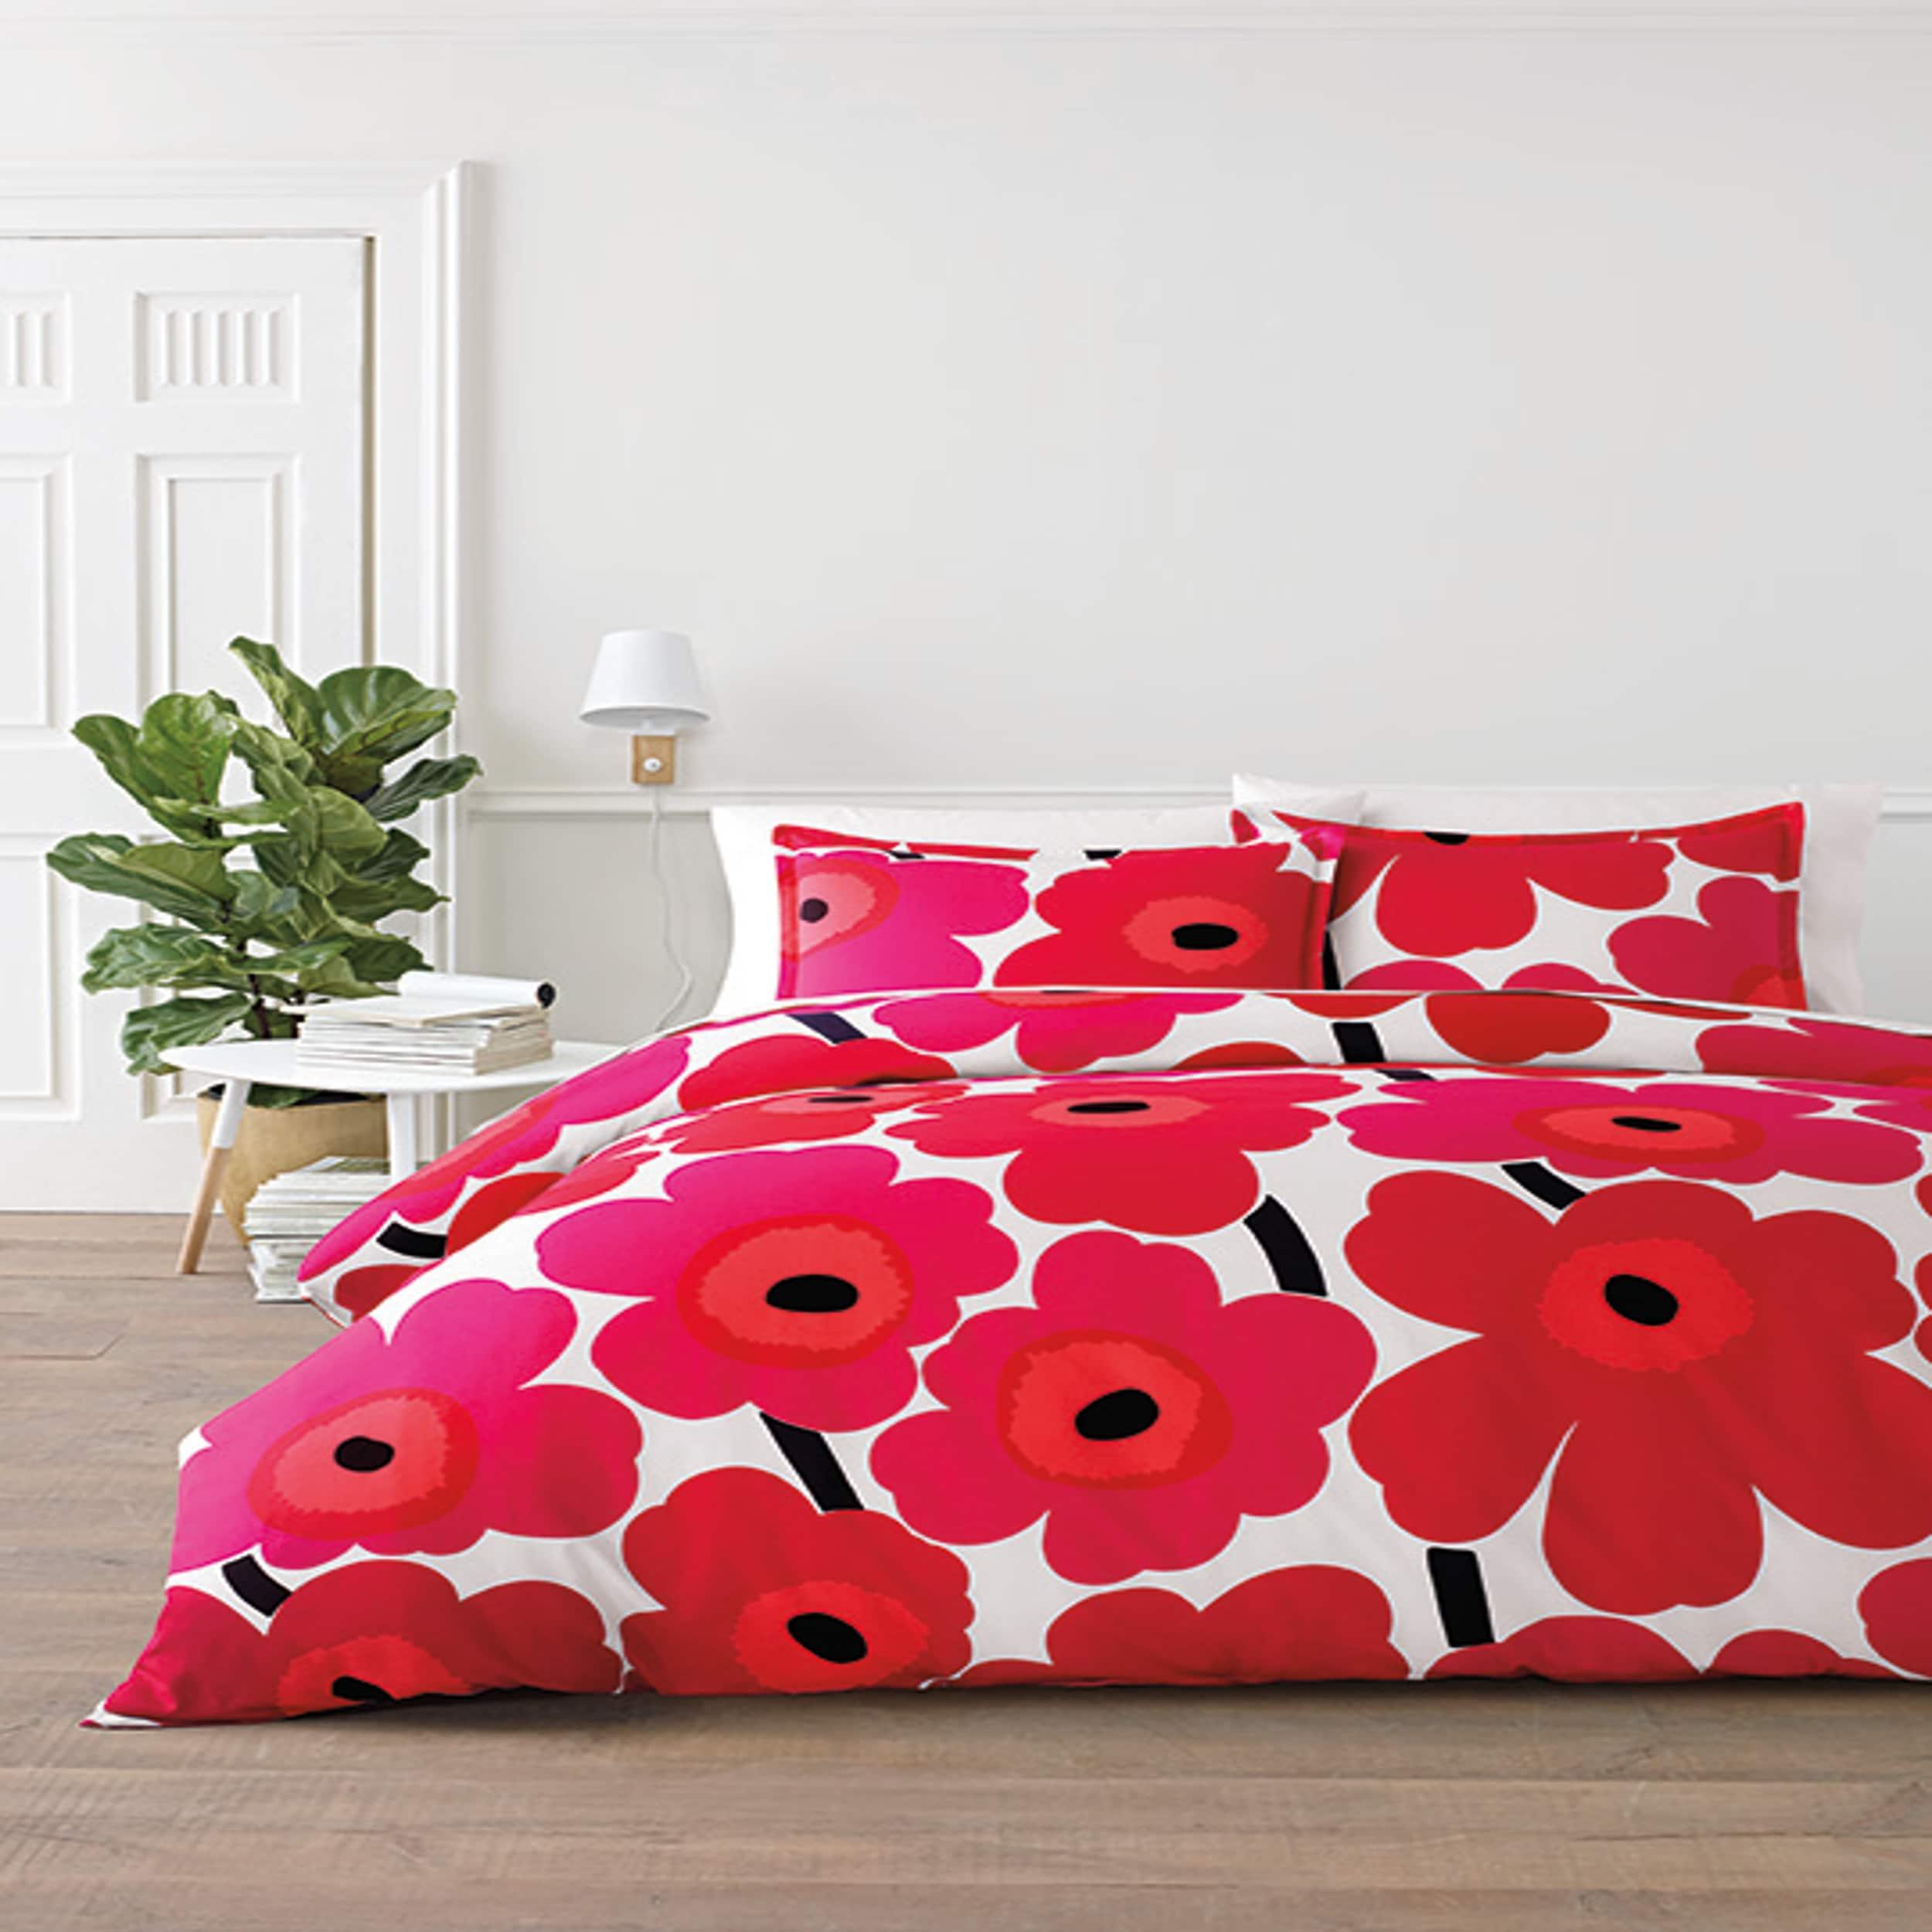 red bedding nordstrom home marimekko c bed